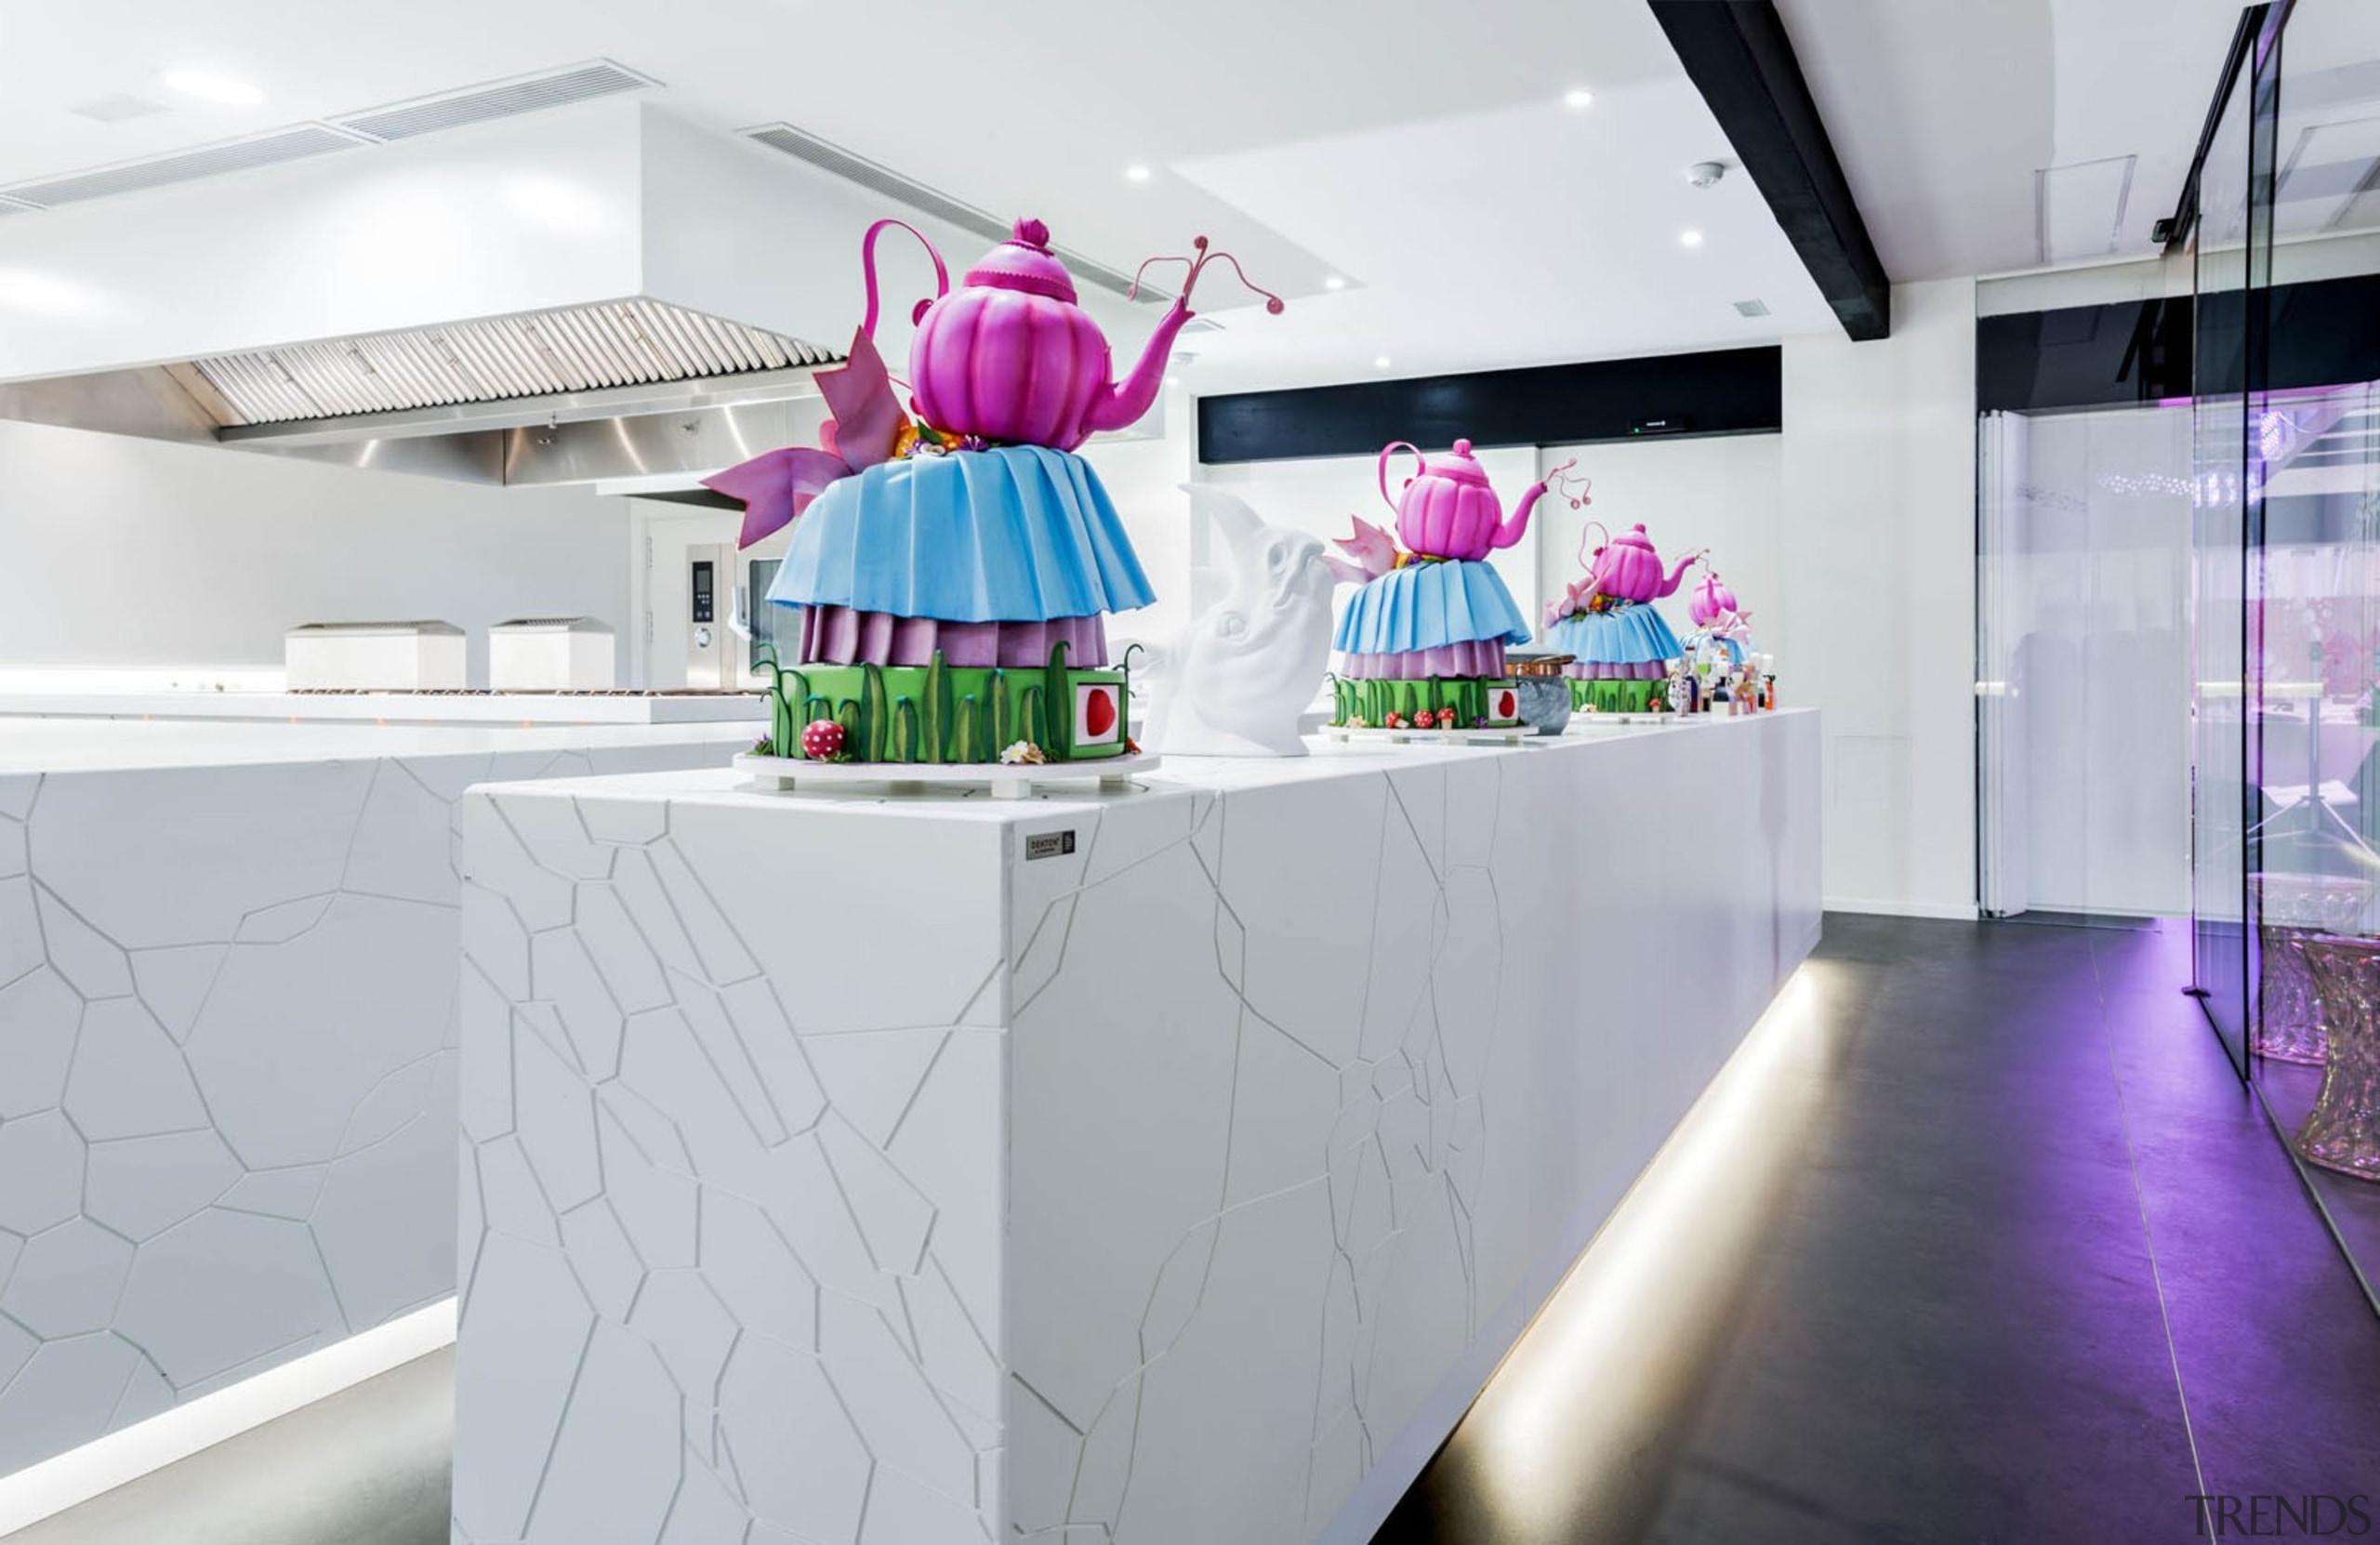 DEKTON ZENITH Rest Dani García 1 - DEKTON design, interior design, product design, purple, gray, white